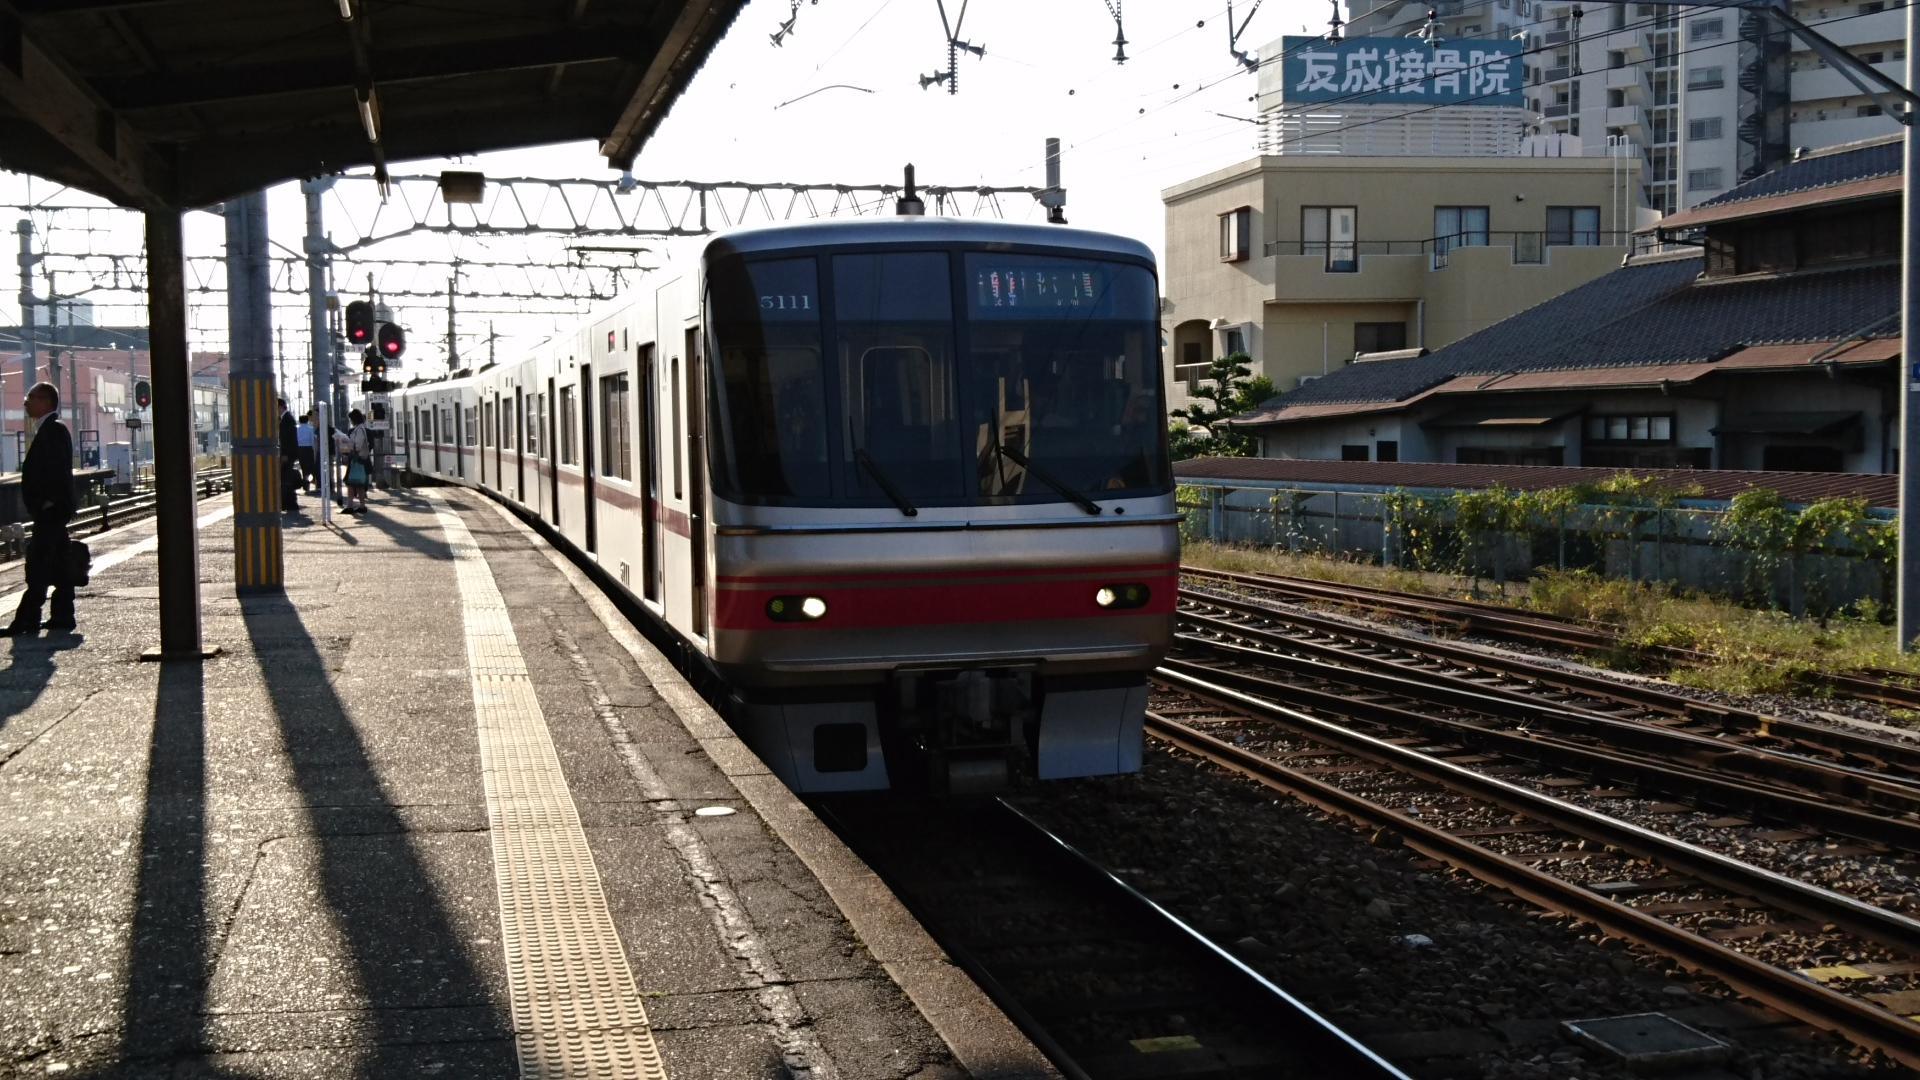 2016.10.19 あさ (6) しんあんじょう - 弥富いき急行(5111)